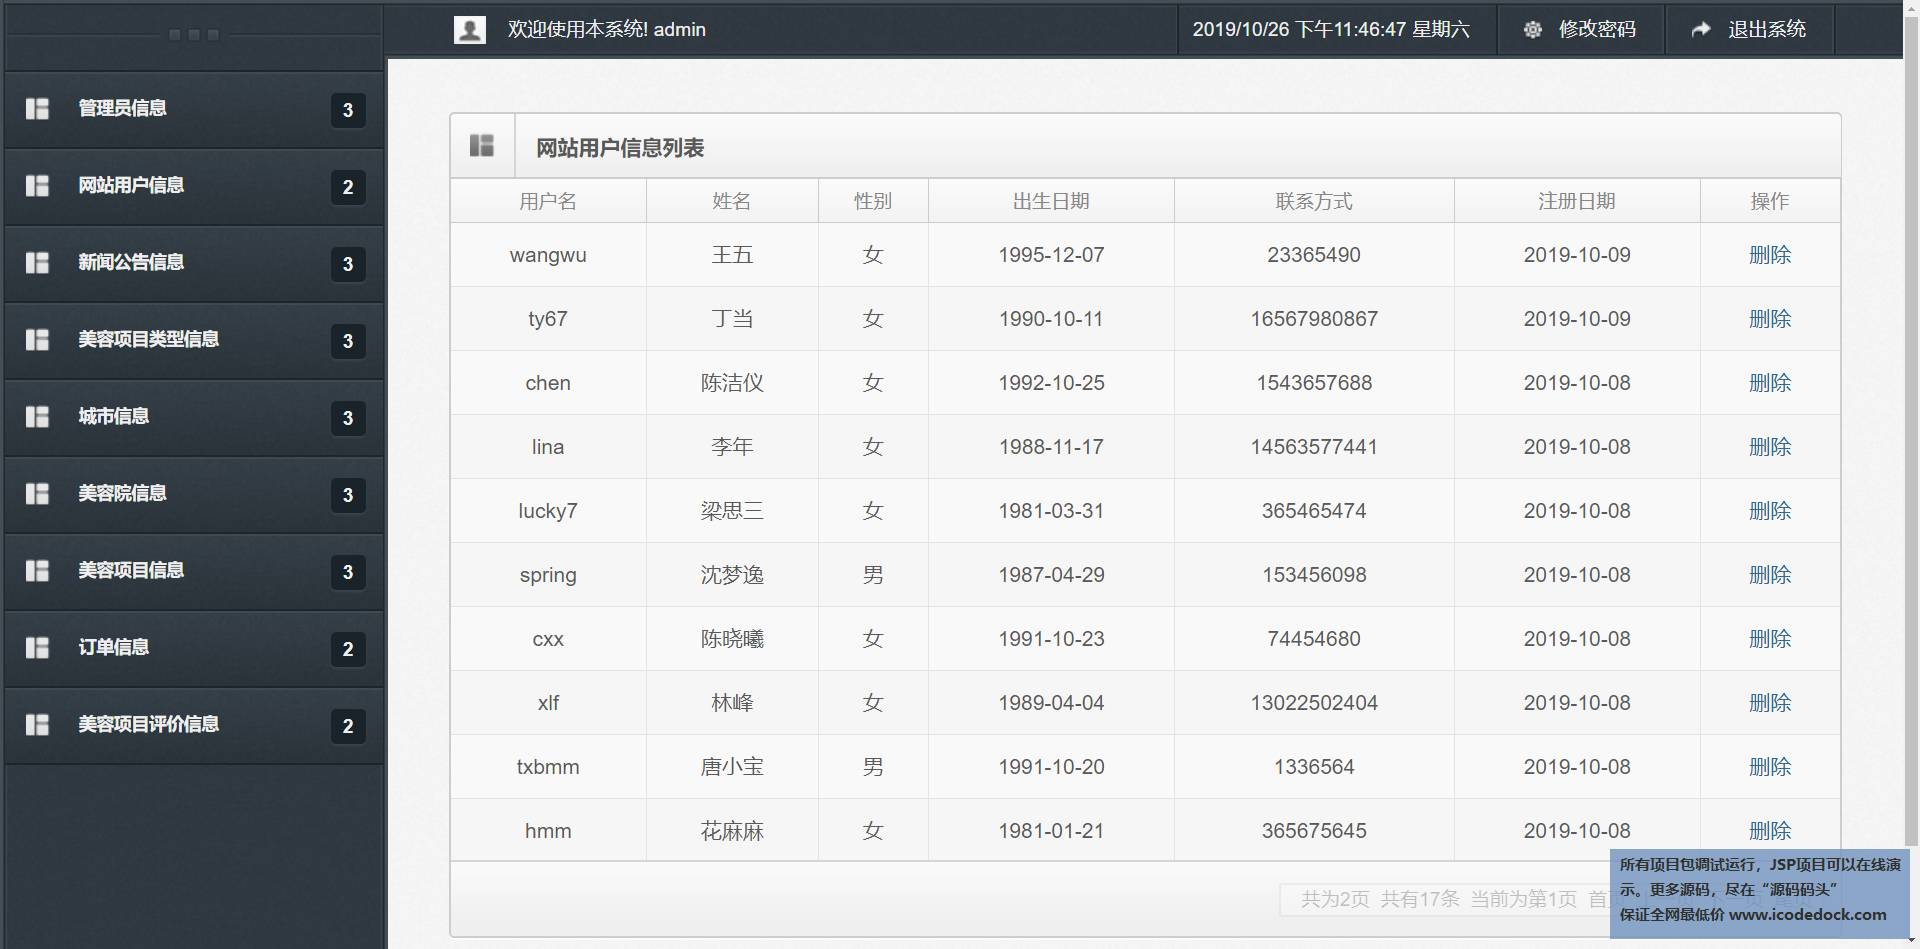 源码码头-SpringBoot美容院预约管理系统-管理员角色-网站用户信息列表